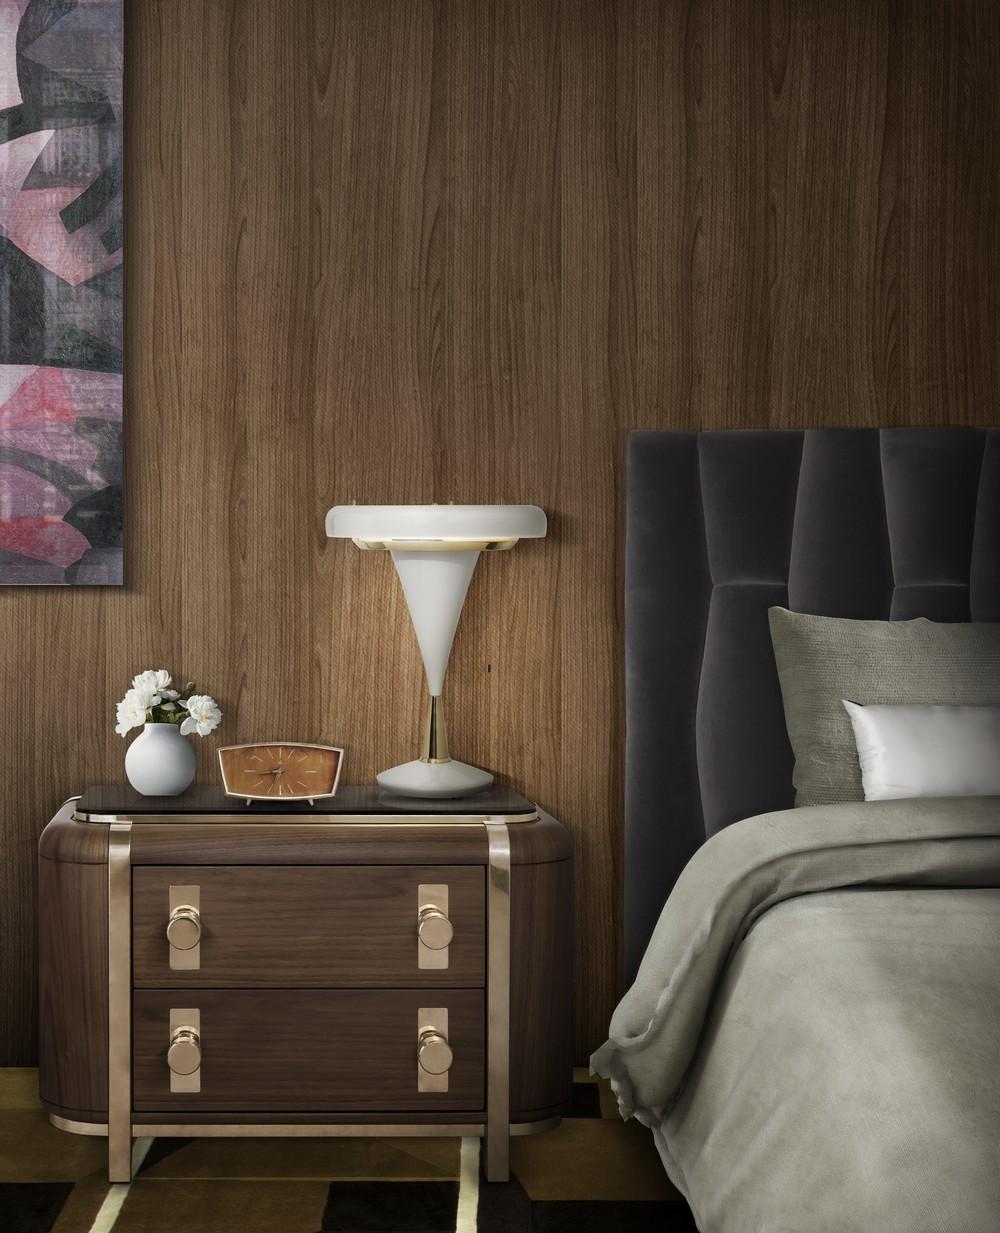 LUXURY LIGHTING DESIGN FOR YOUR BEDROOM